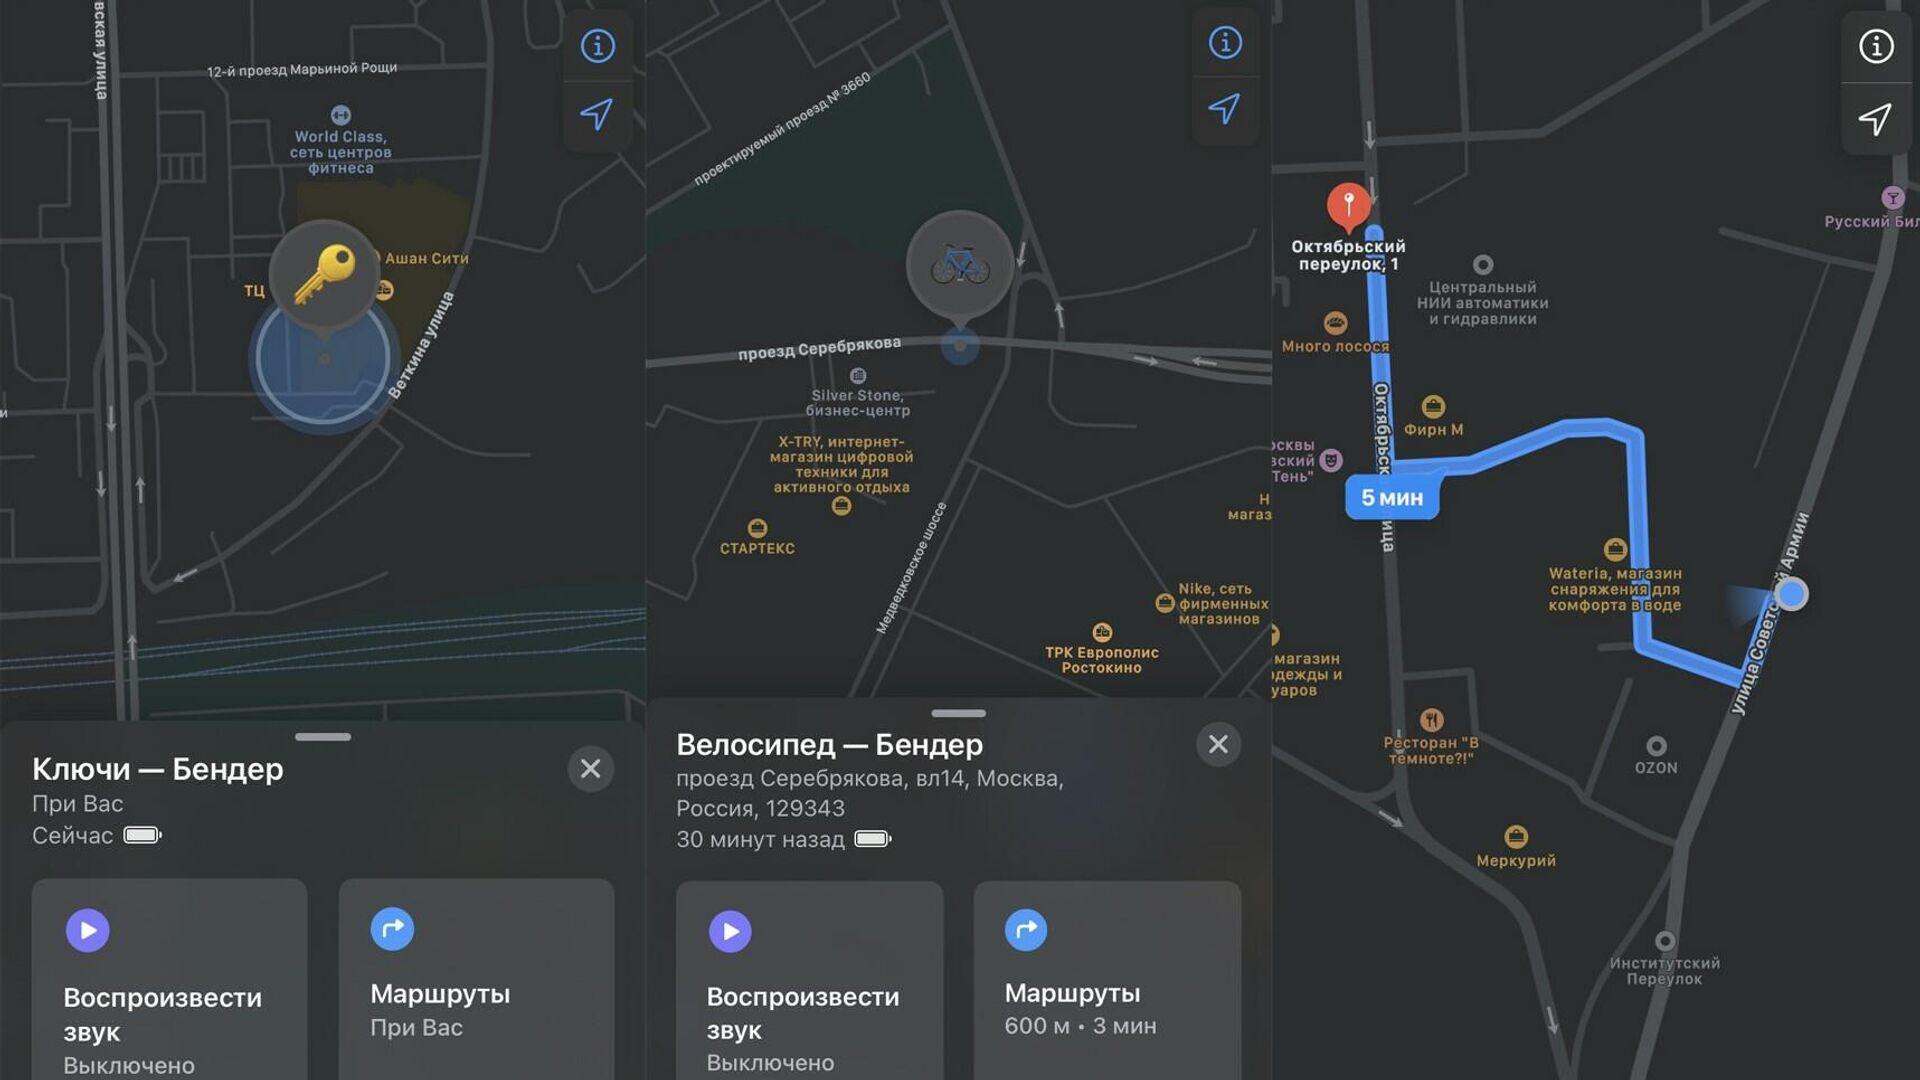 Обзор метки Apple AirTag: как не потеряться и не стать жертвой шпионажа